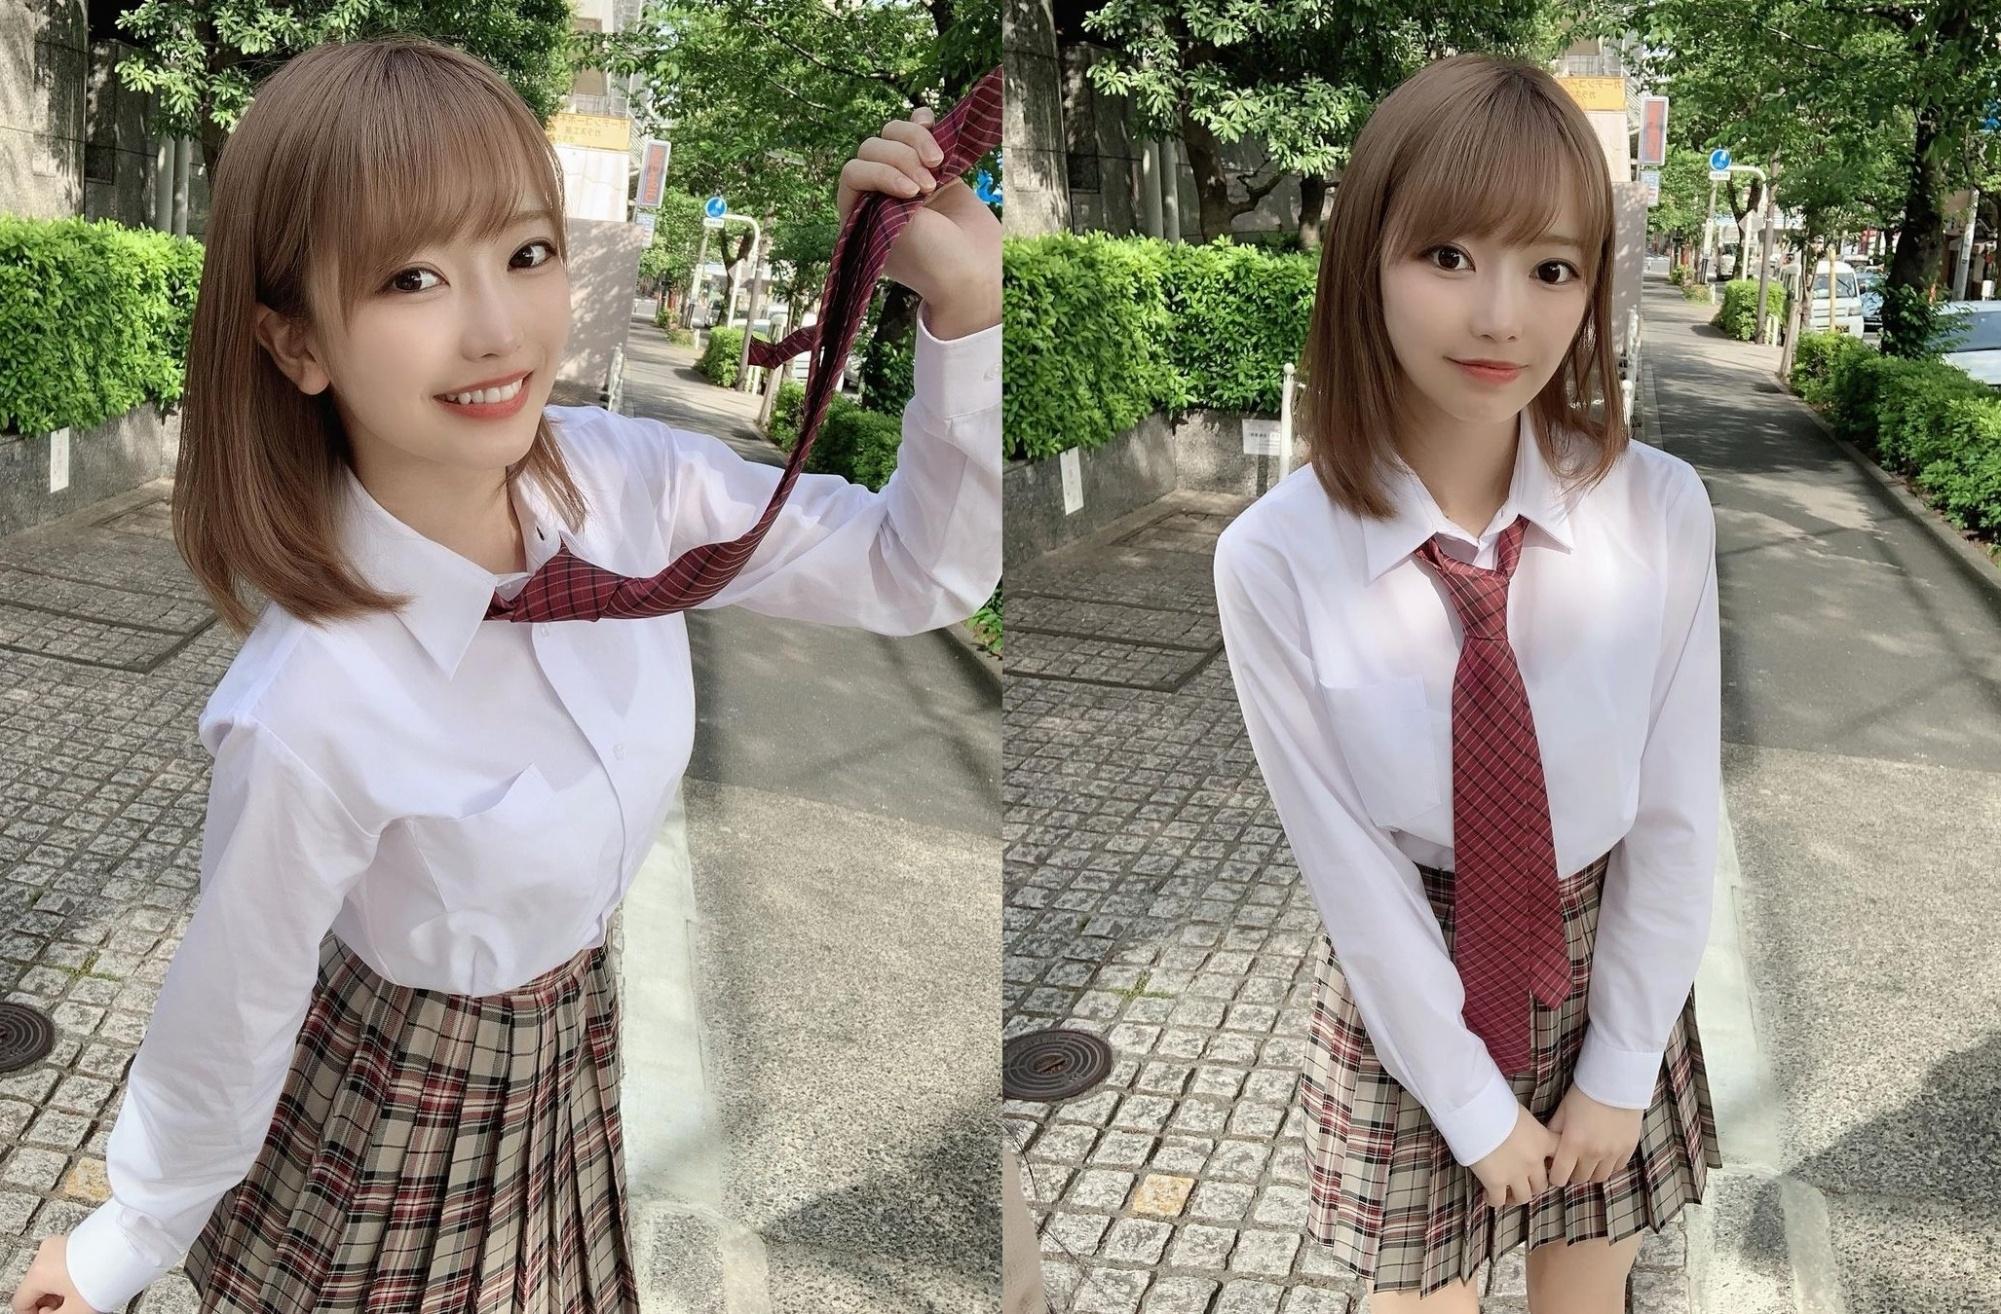 制服高中妹「吉沢朱音」清纯气质女友感爆棚 「甜萌灿笑」让人忍不住怦然心动-喵喵女